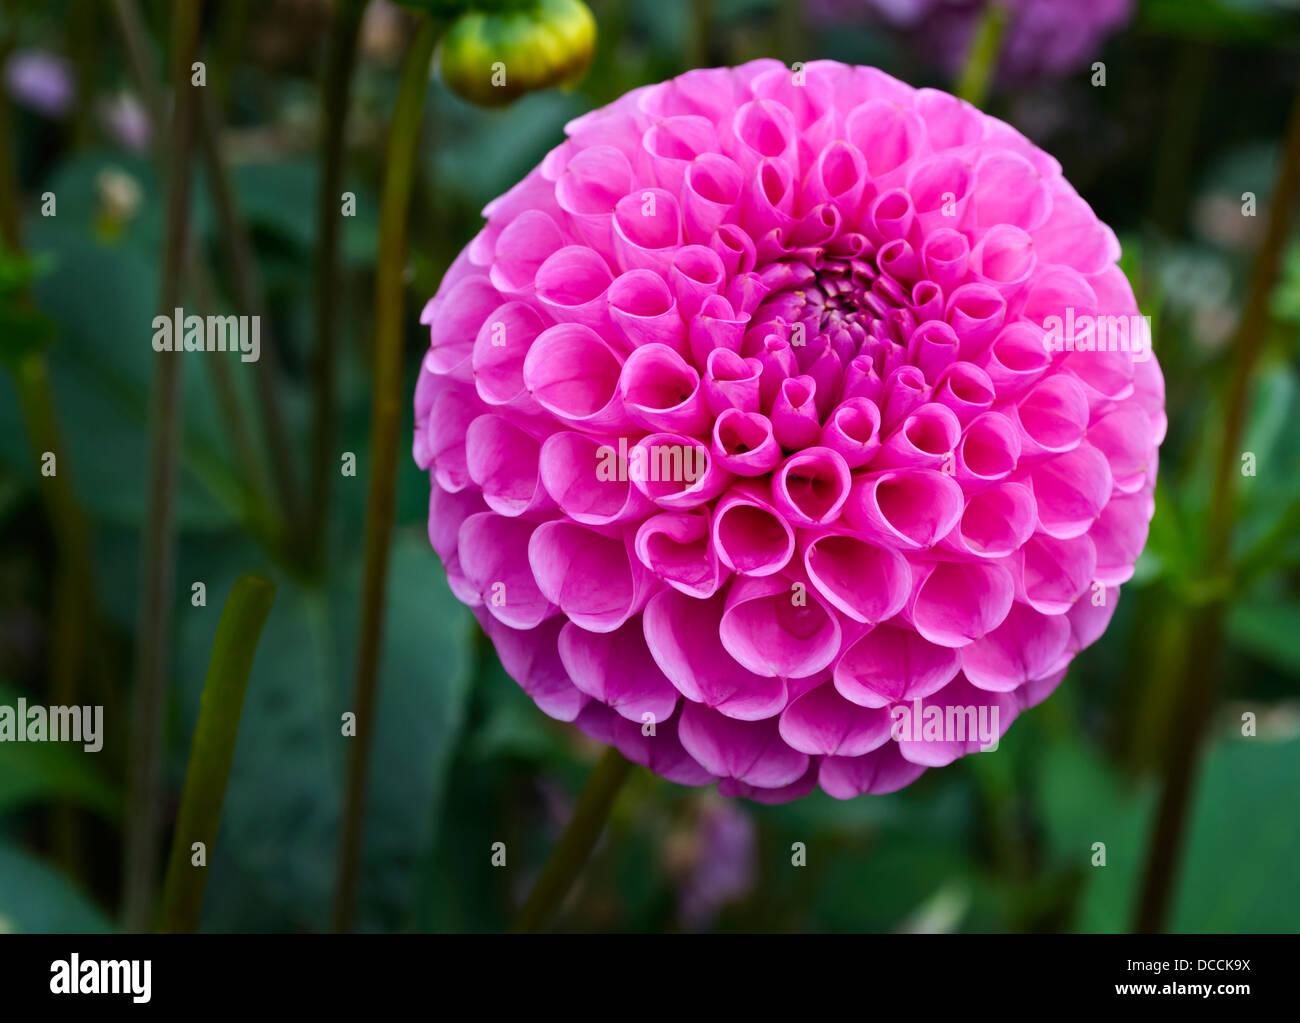 Pink Pom Pom Stock Photos Pink Pom Pom Stock Images Alamy